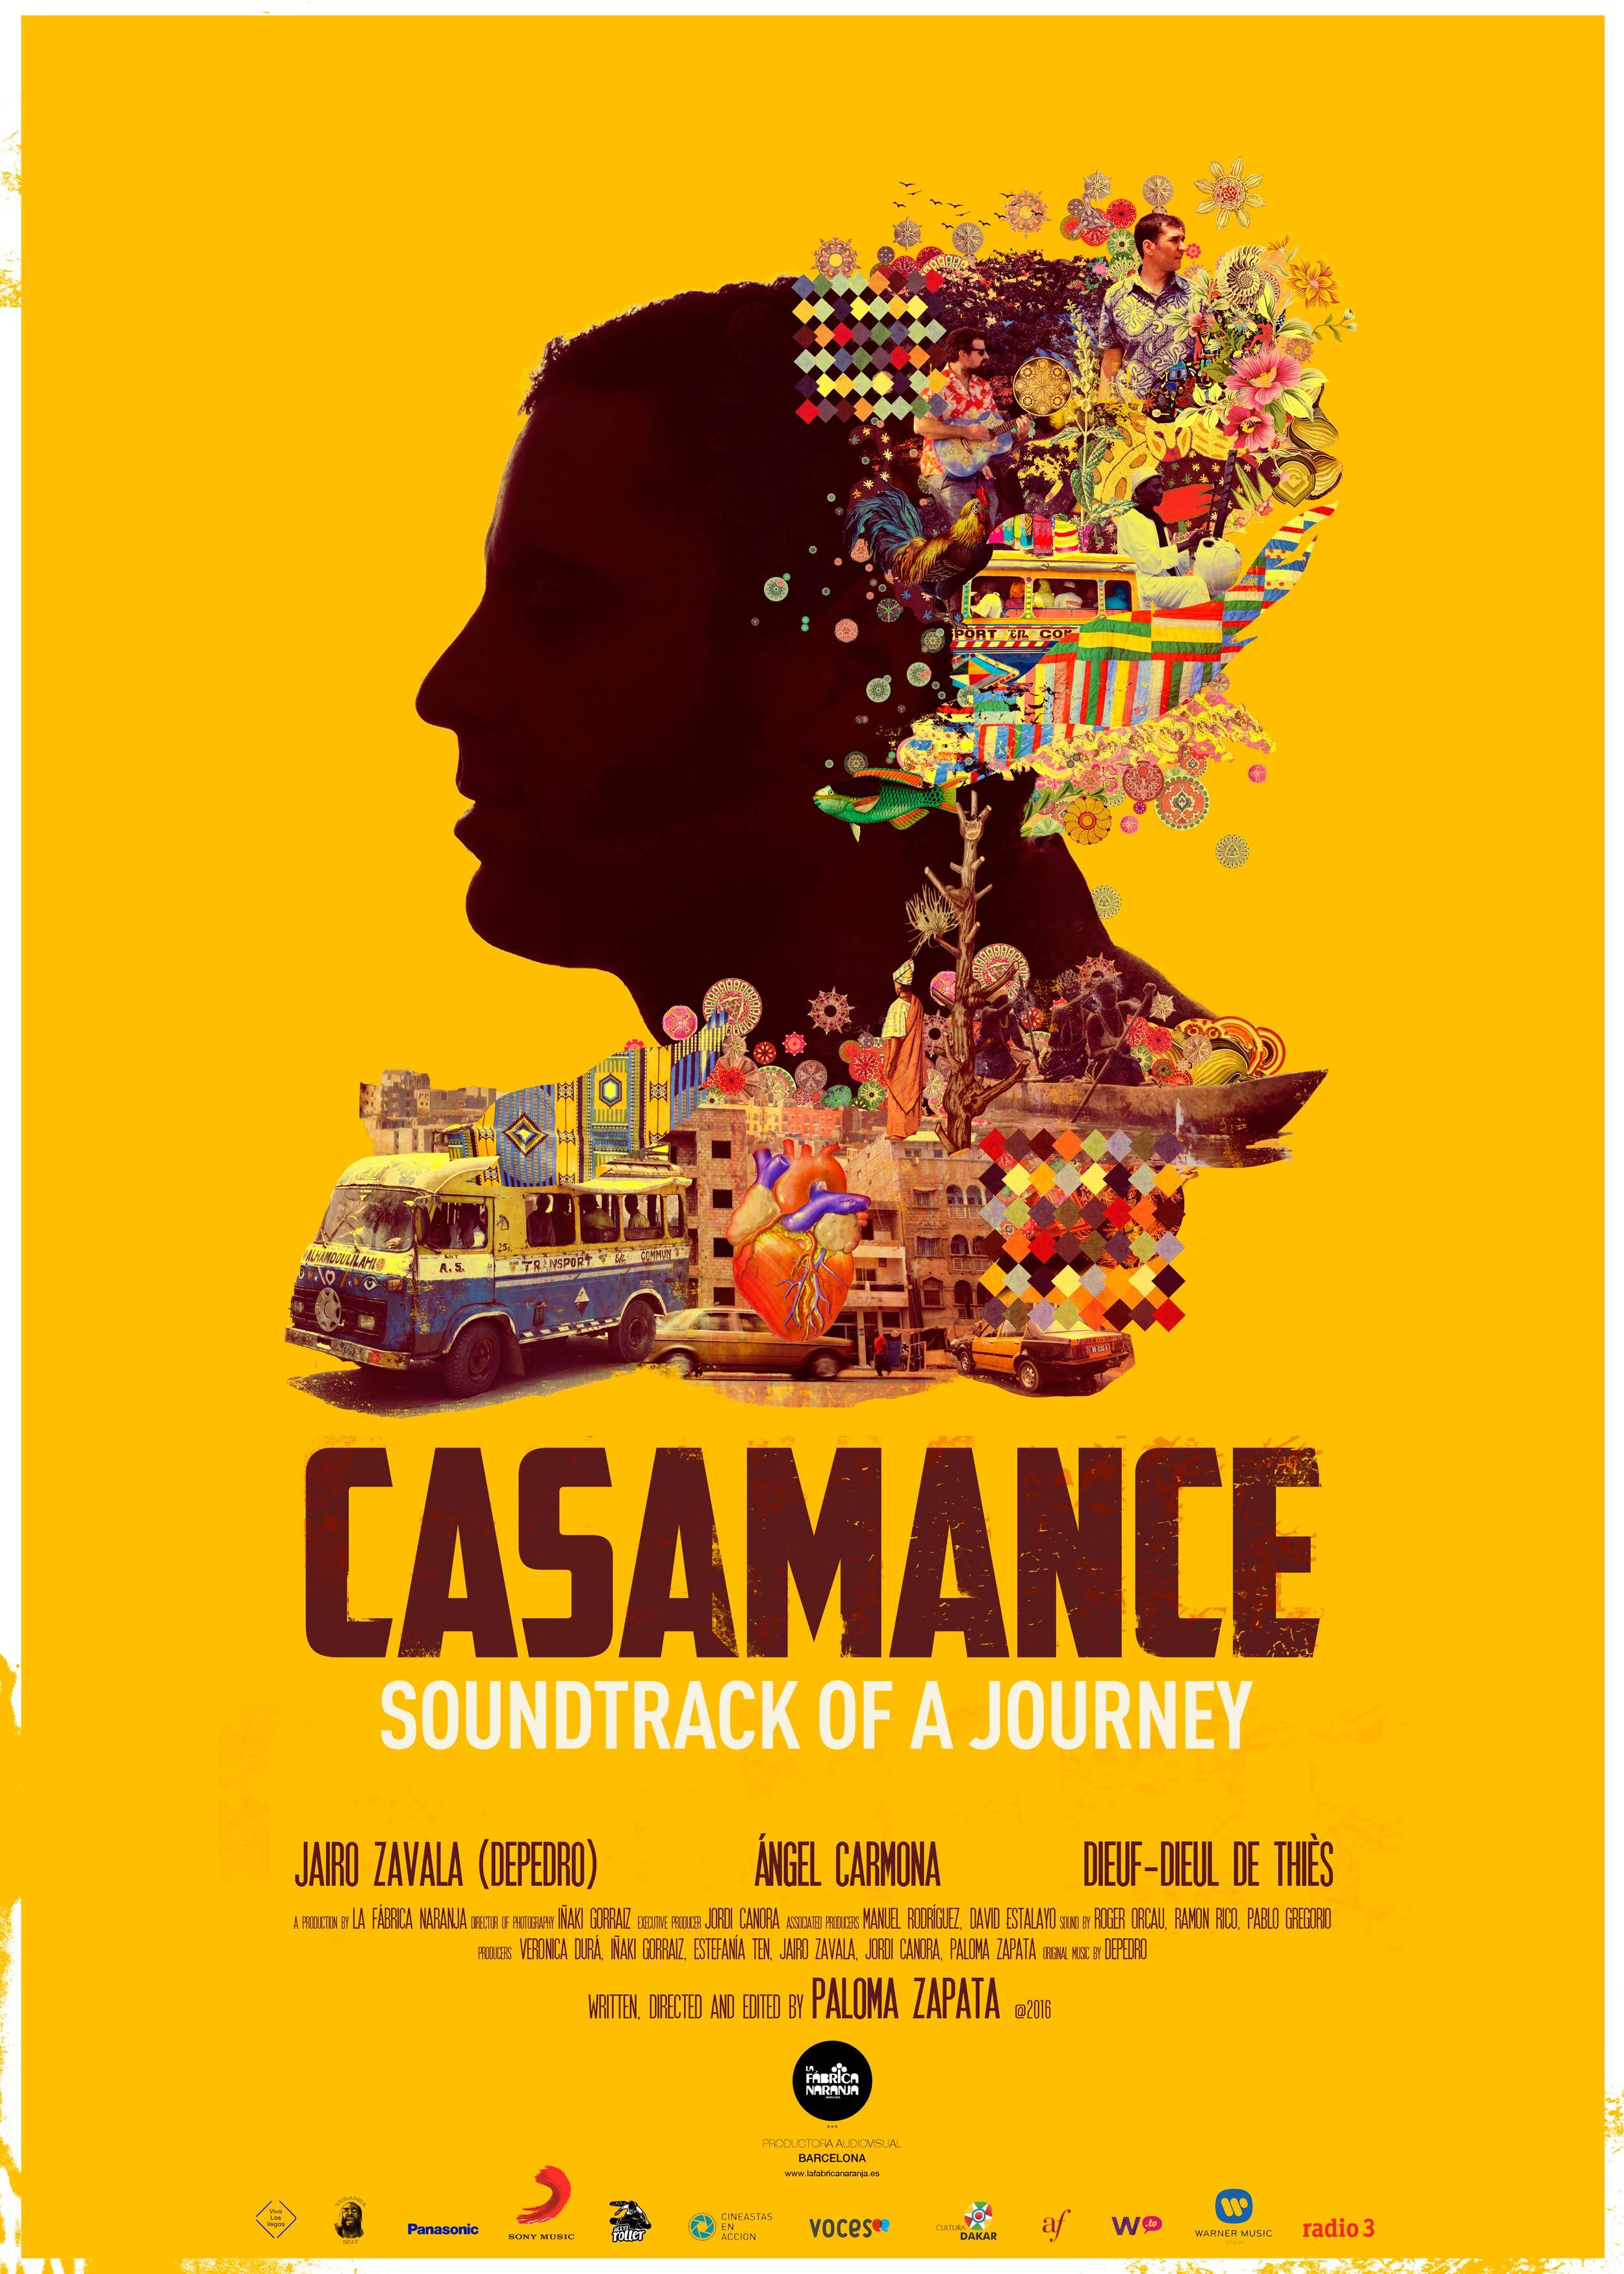 CASAMANCE: LA BANDA SONORA DE UN VIAJE Teatro Moderno Guadalajara